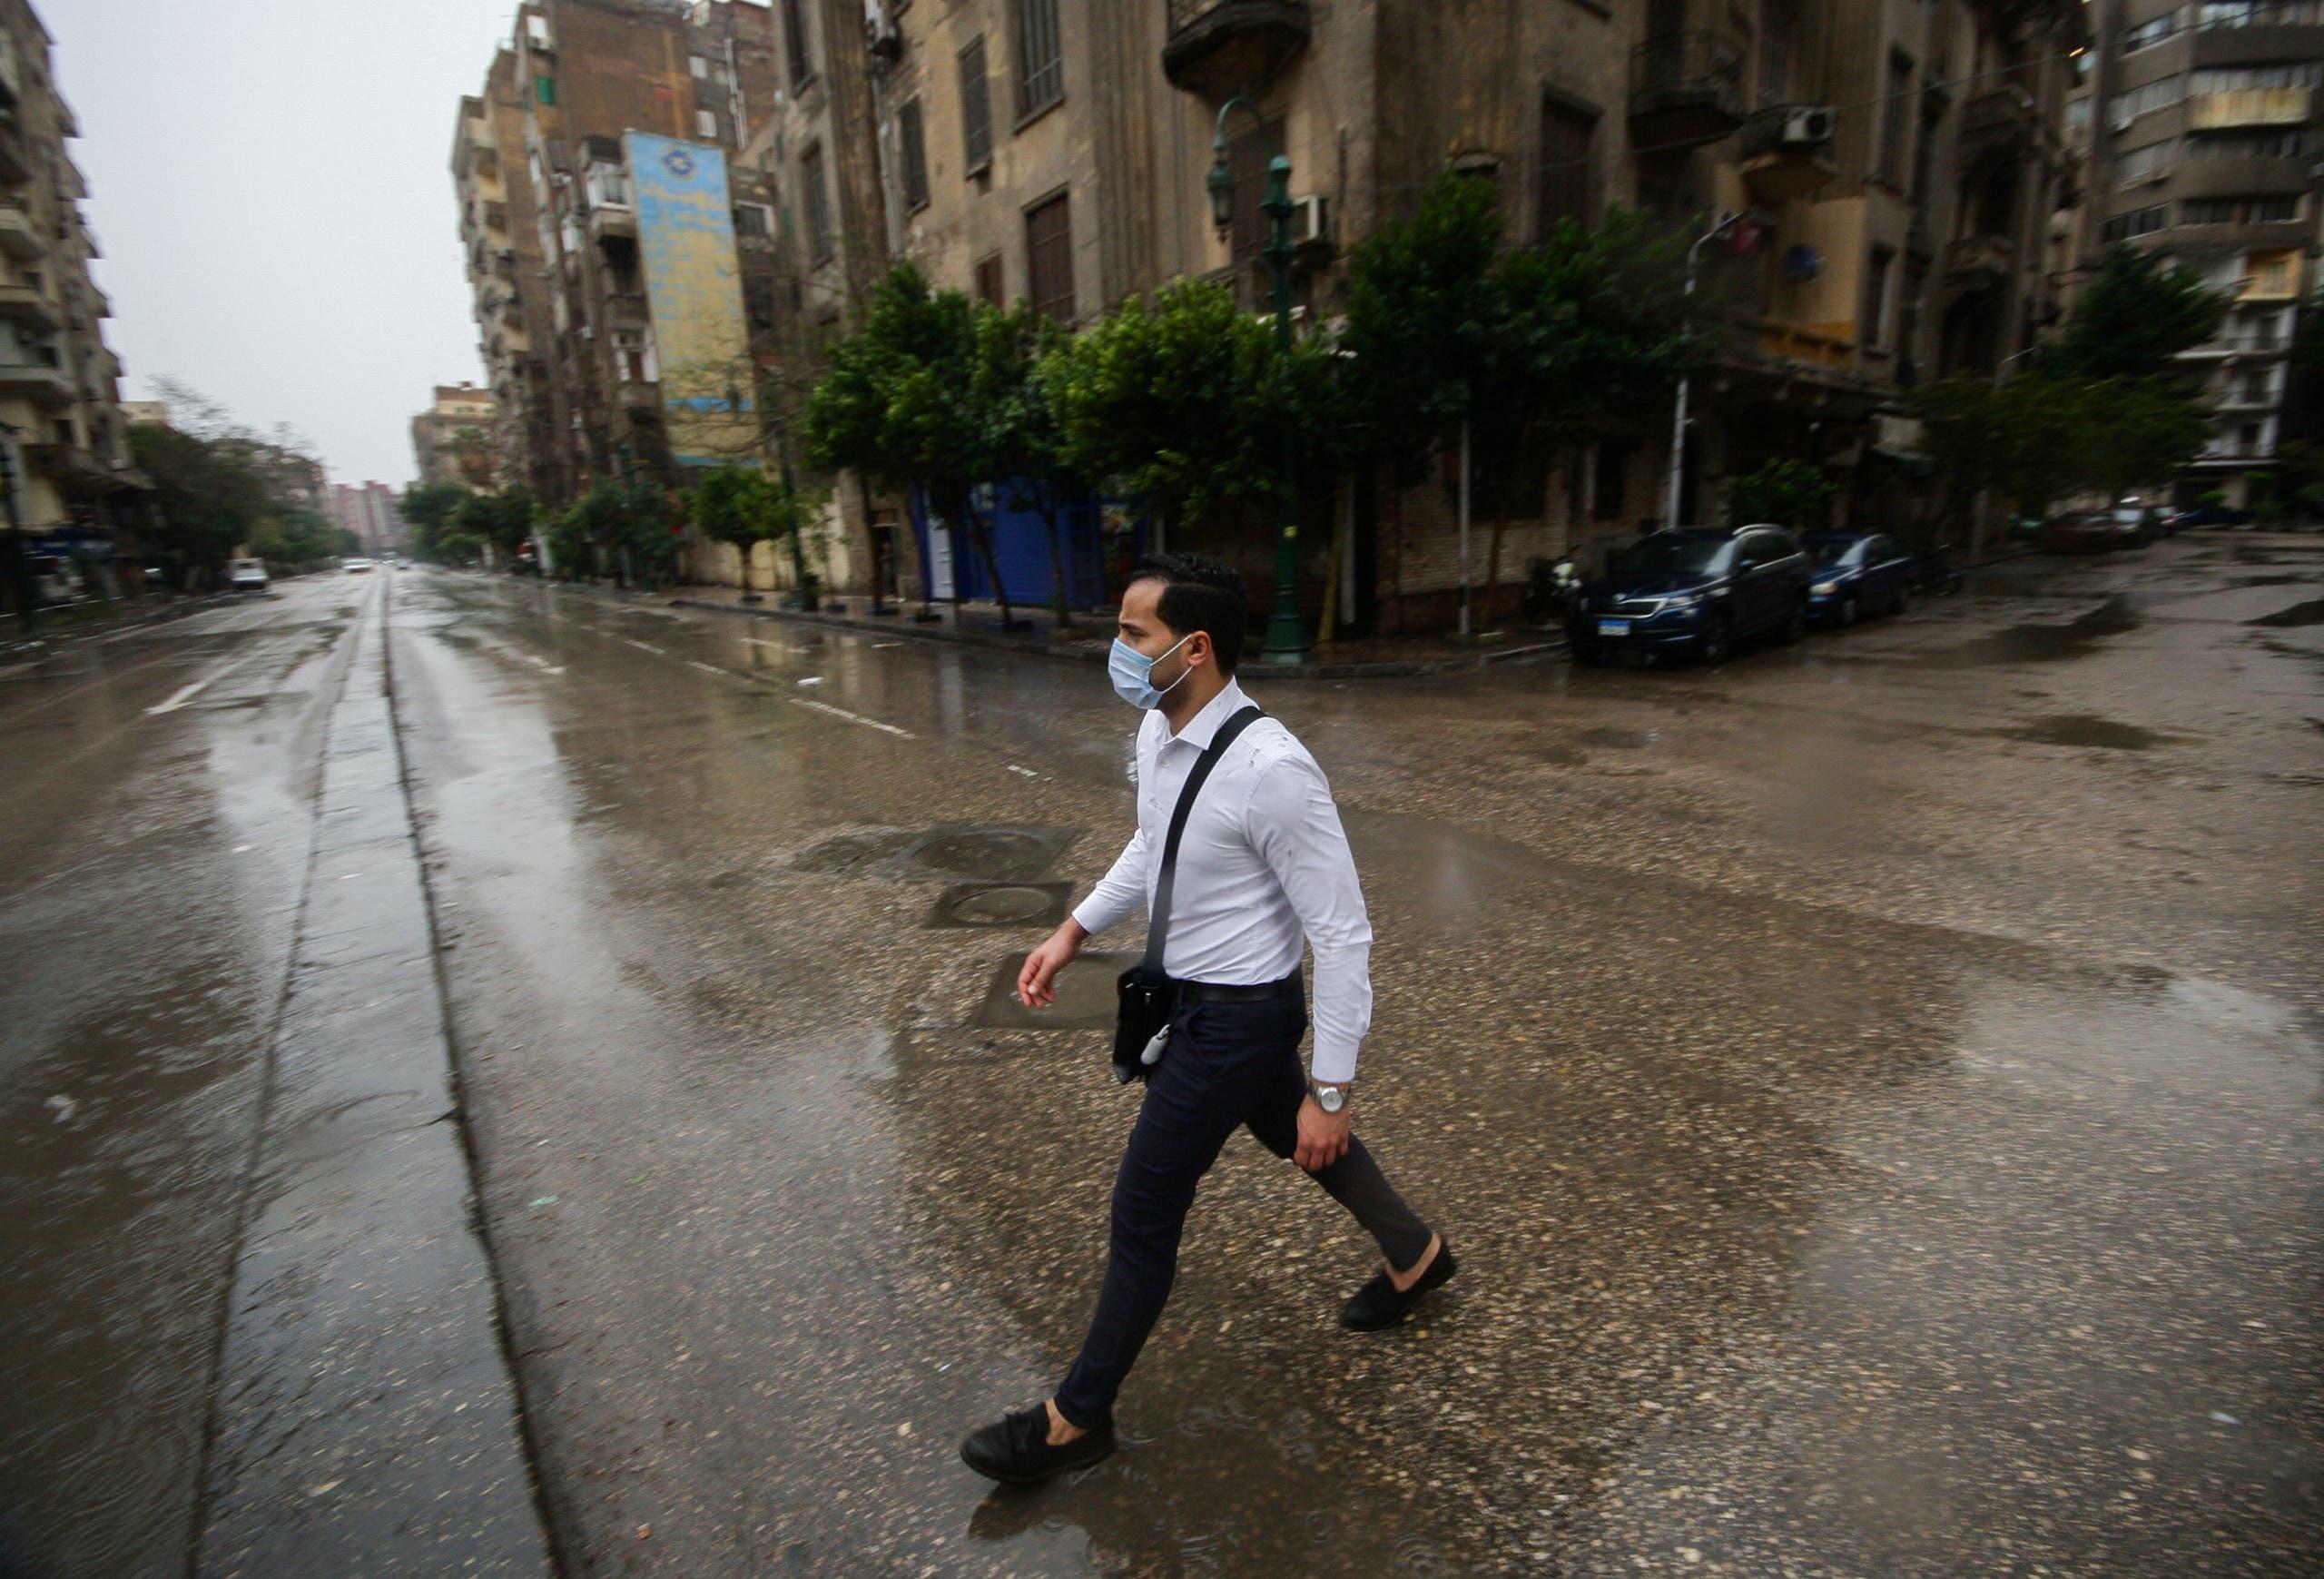 رجل يضع قناعا واقيا في وسط القاهرة